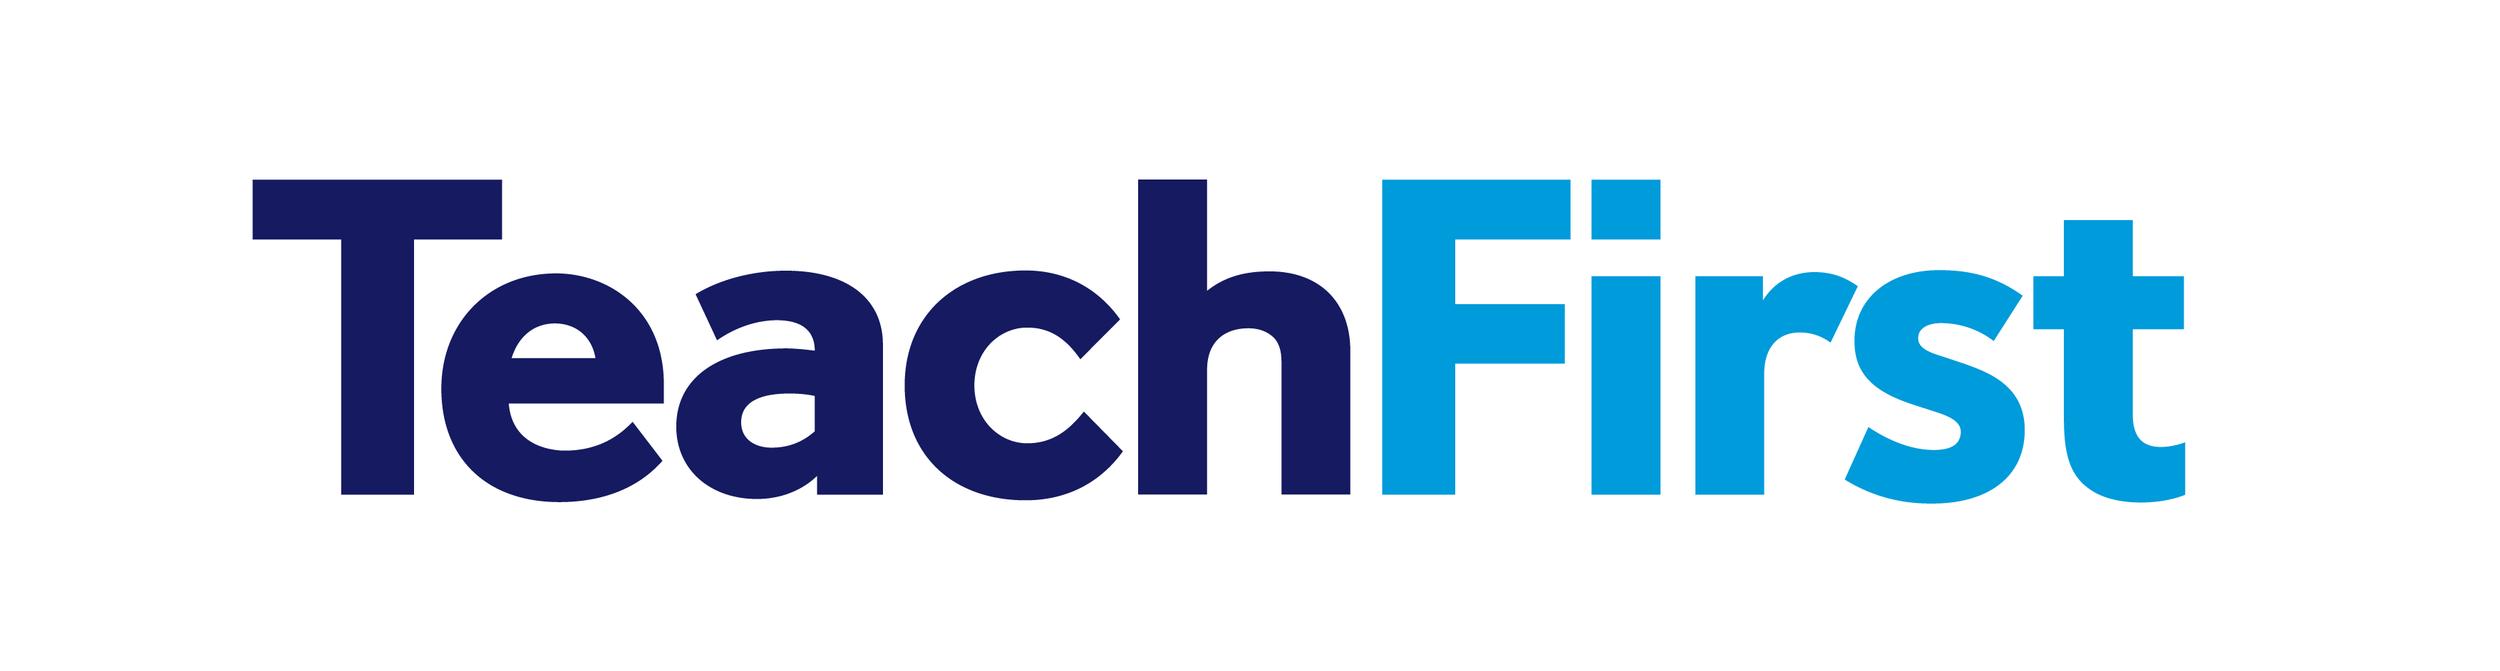 teach first logo-01.png